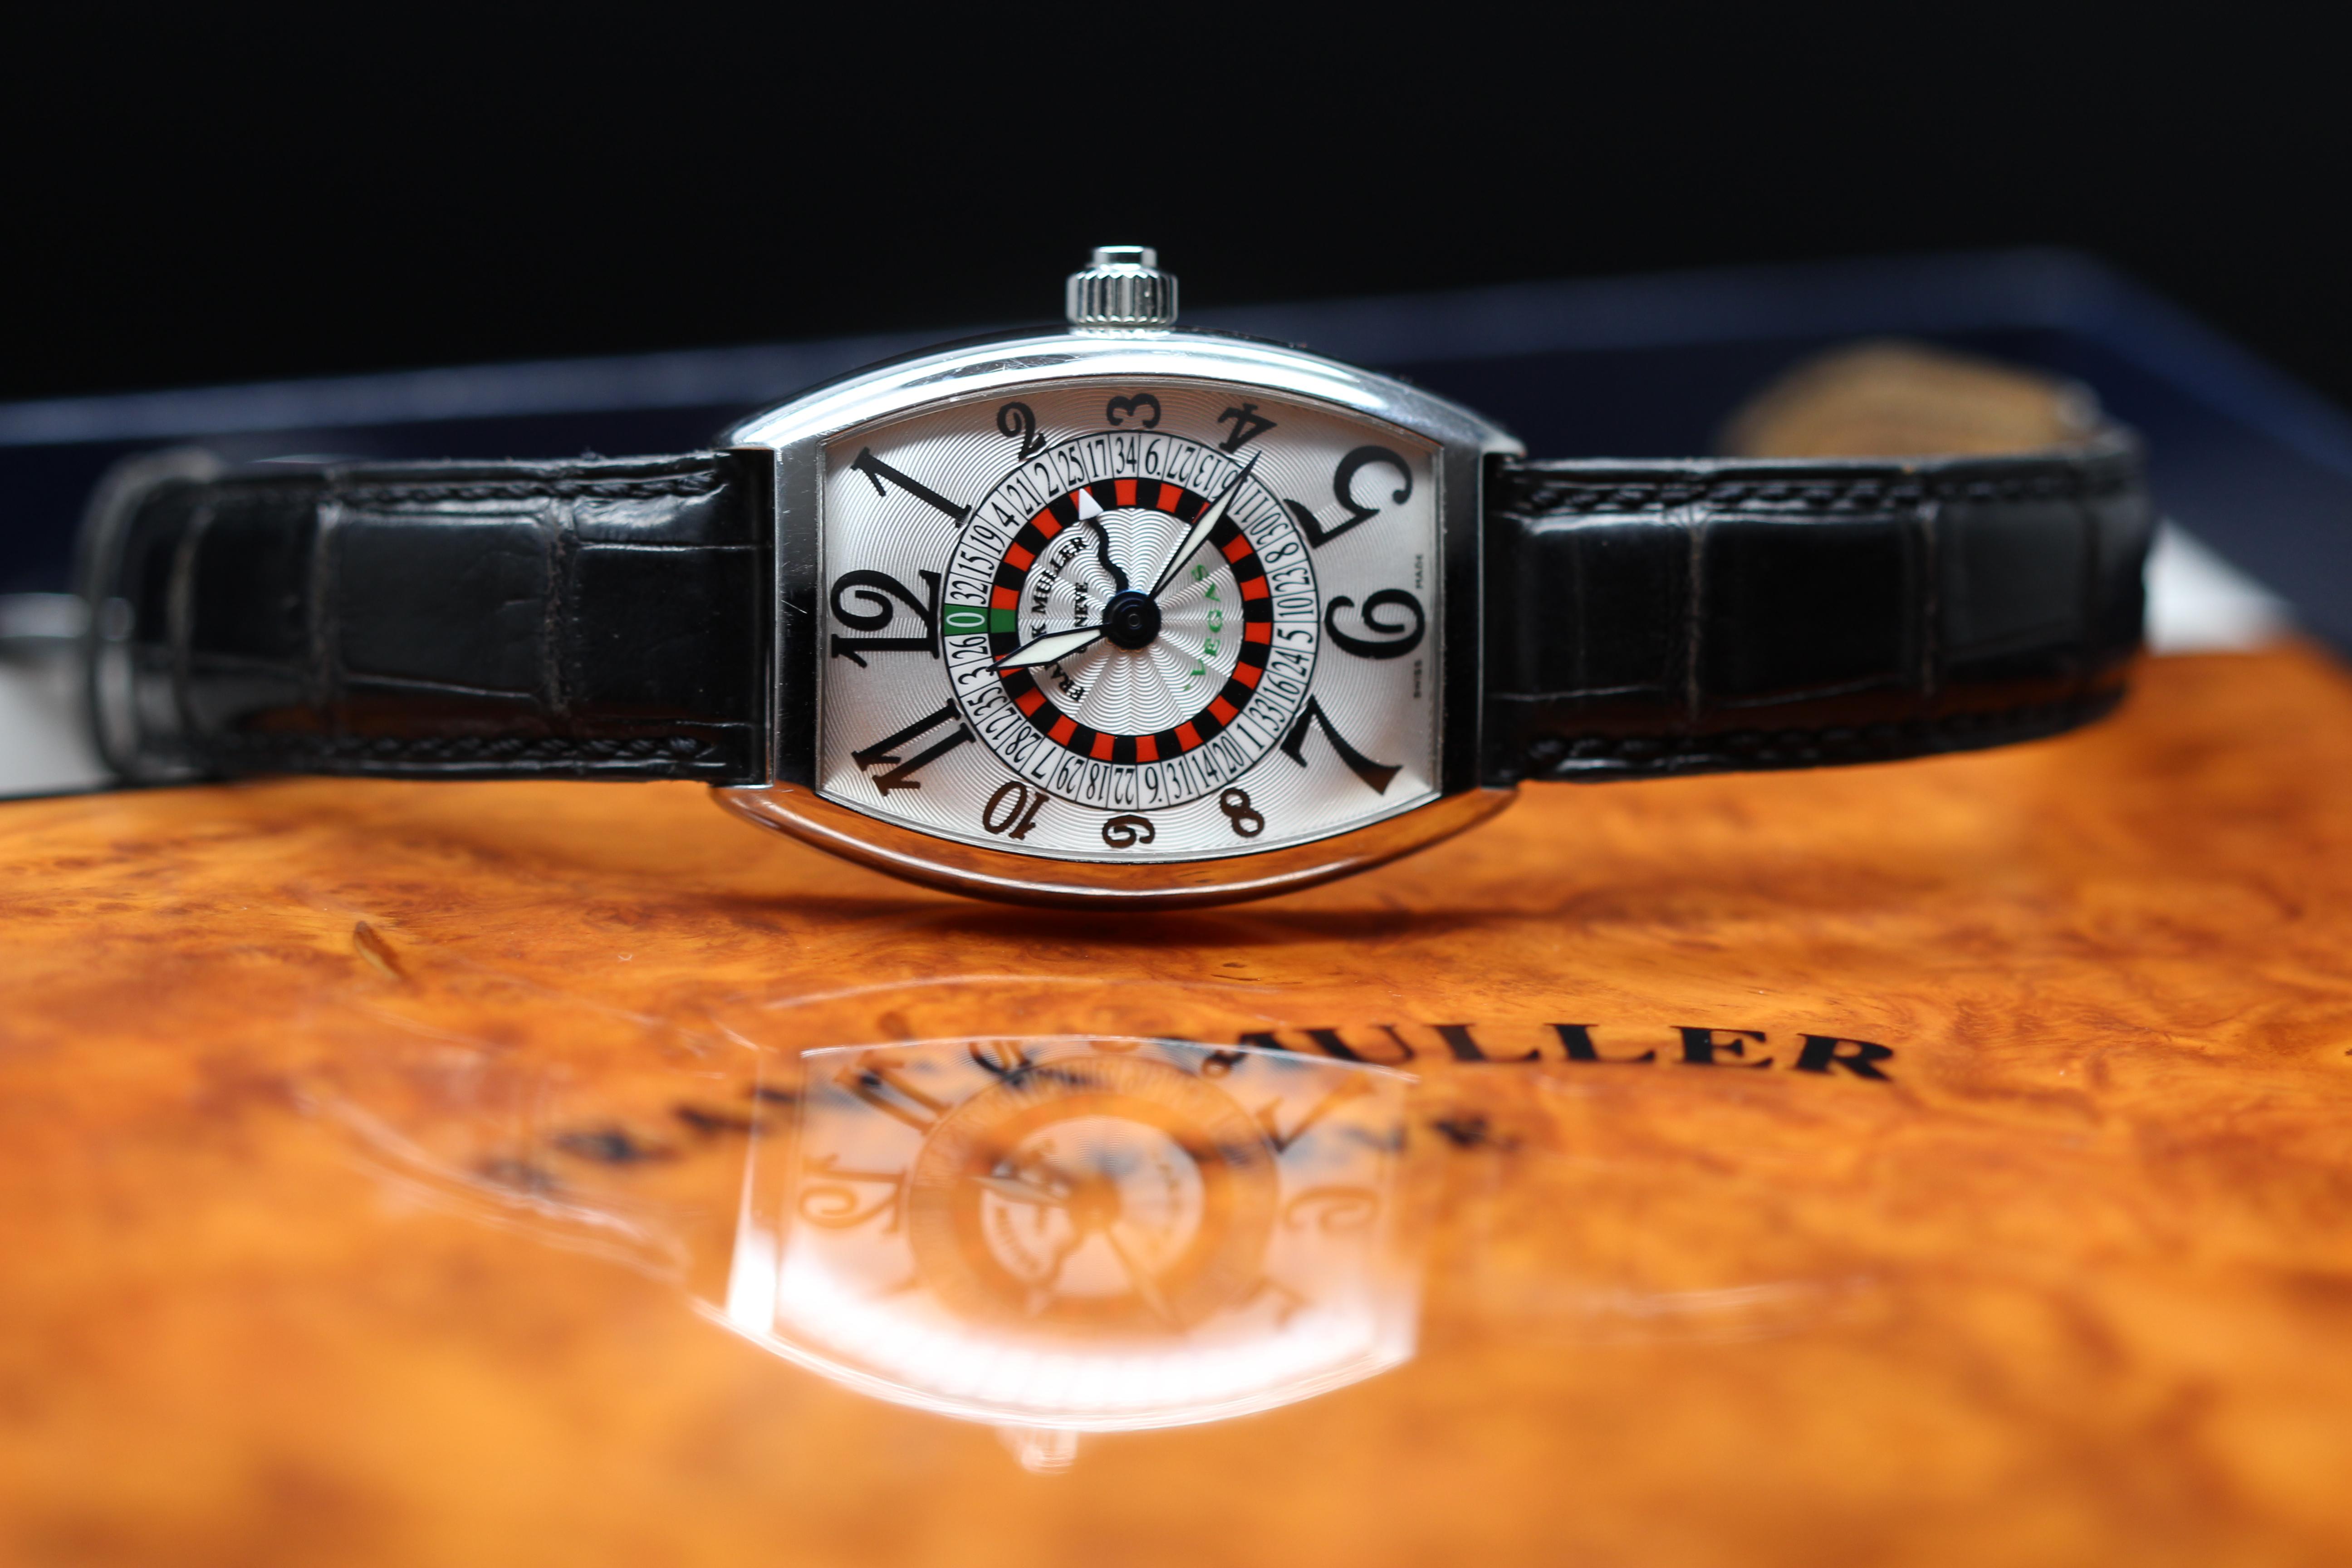 Lot 2 - Franck Muller Vegas Roulette stainless steel 5850